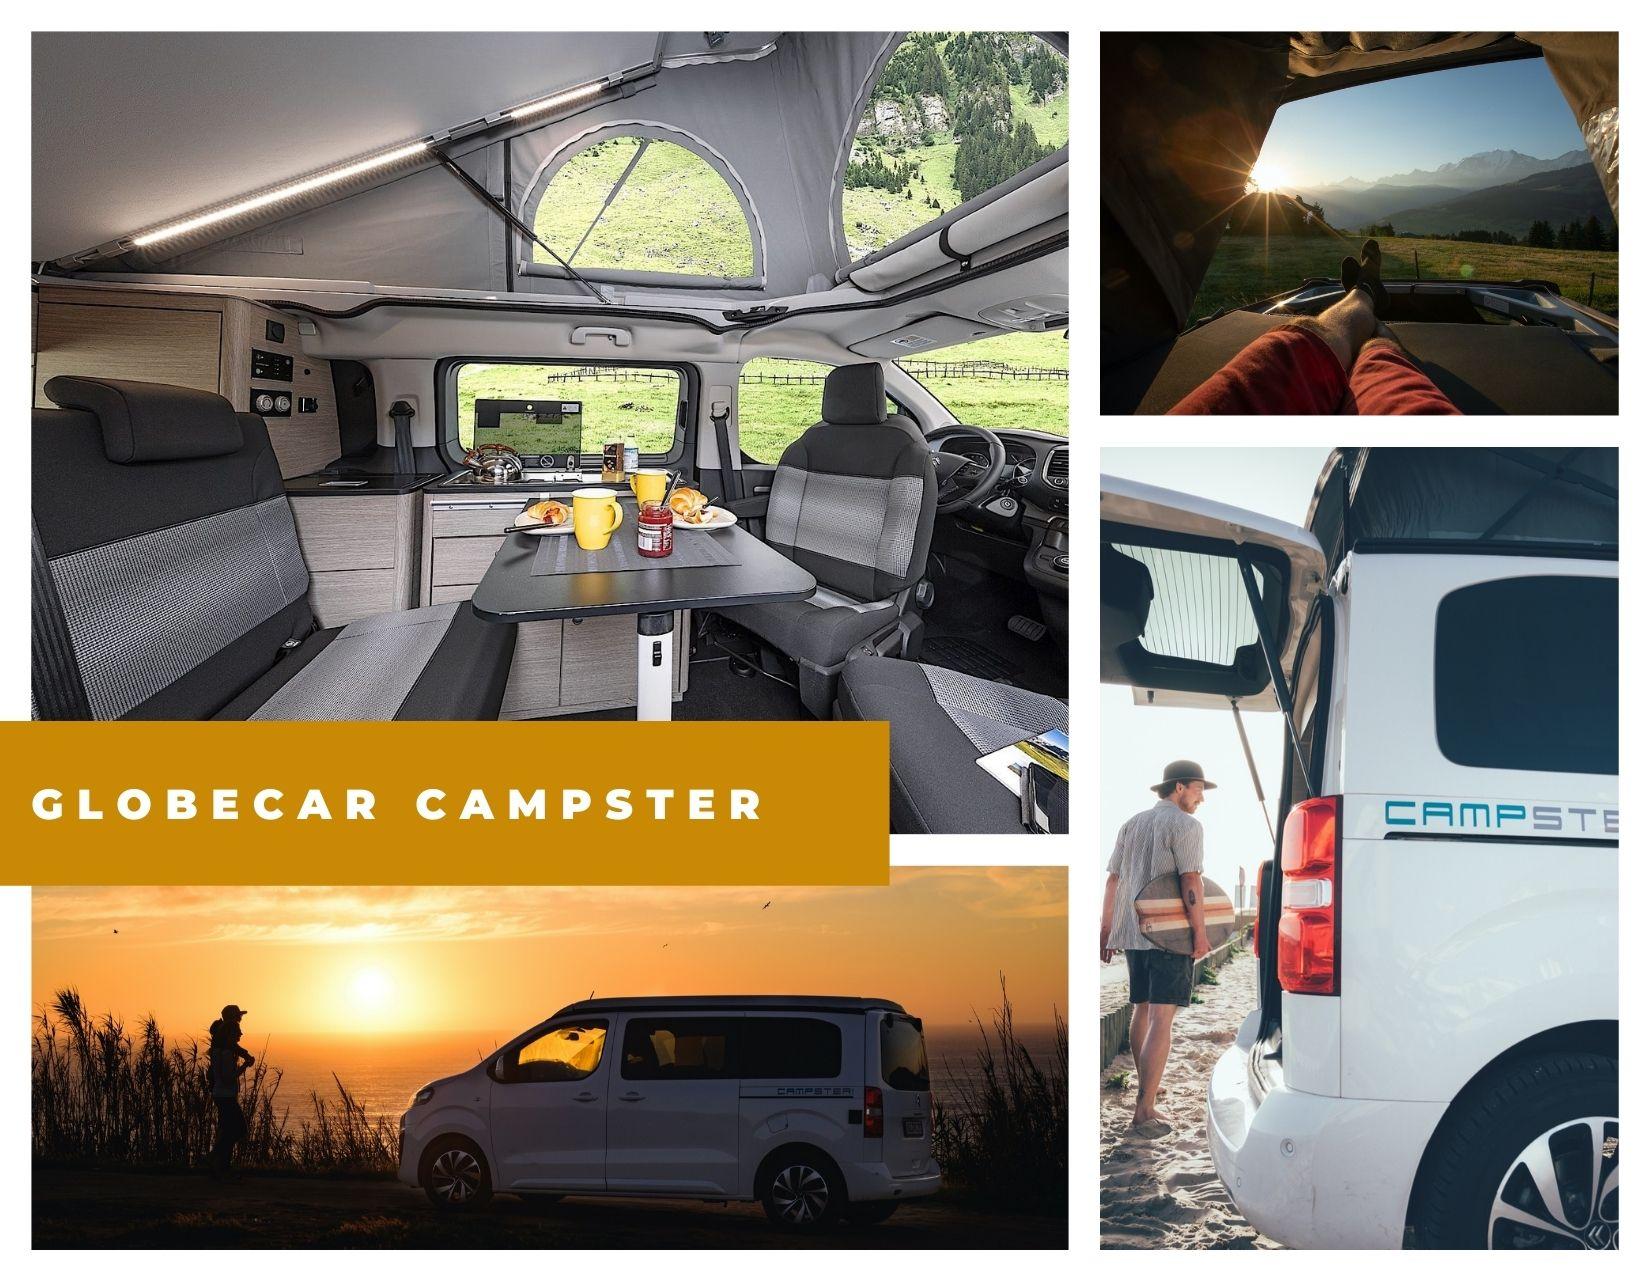 Globecar Campster